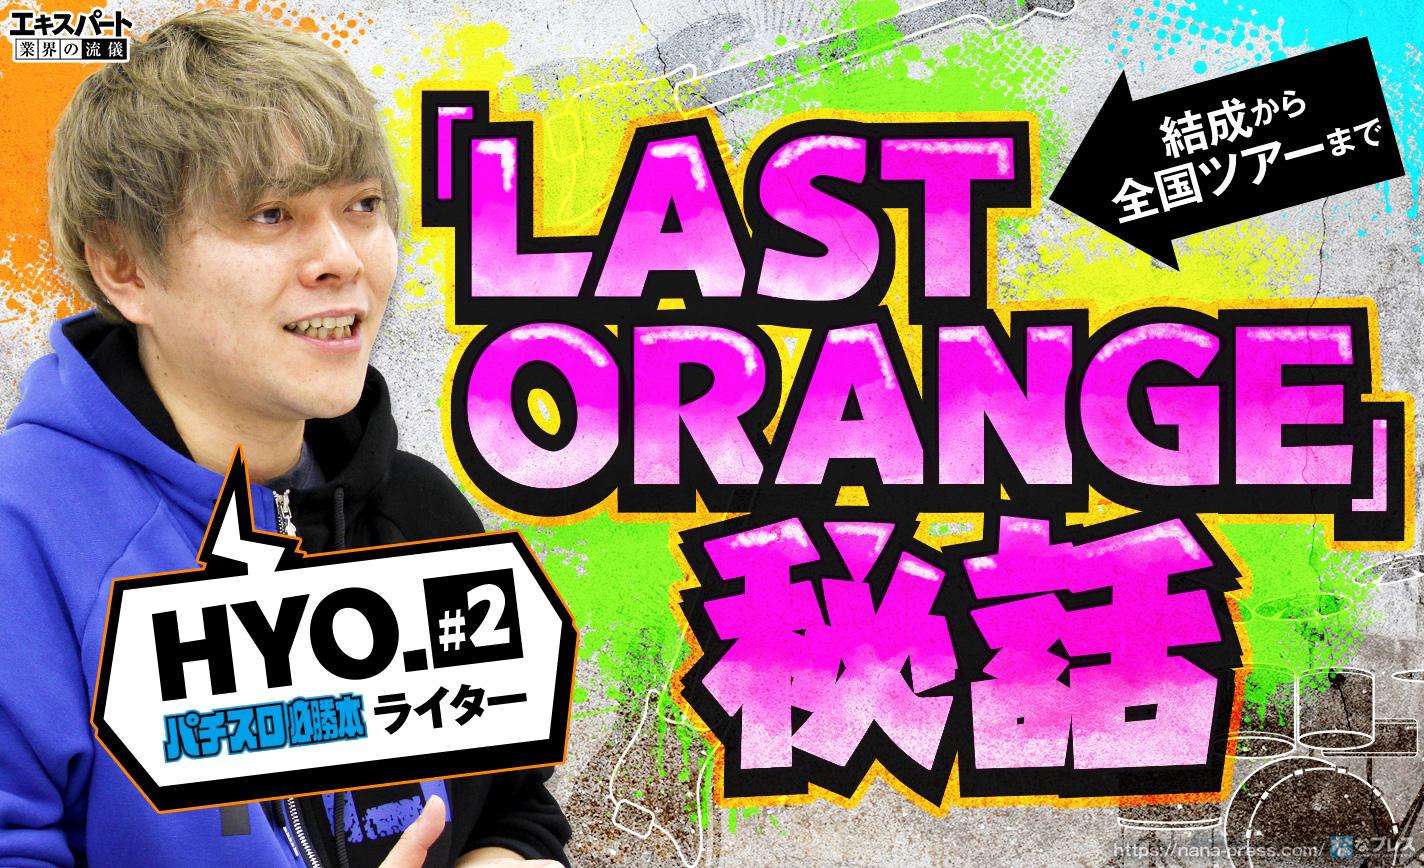 HYO.が演奏から配線まで担うバンド「LAST ORANGE」の結成~全国ツアーまでを語る! eyecatch-image